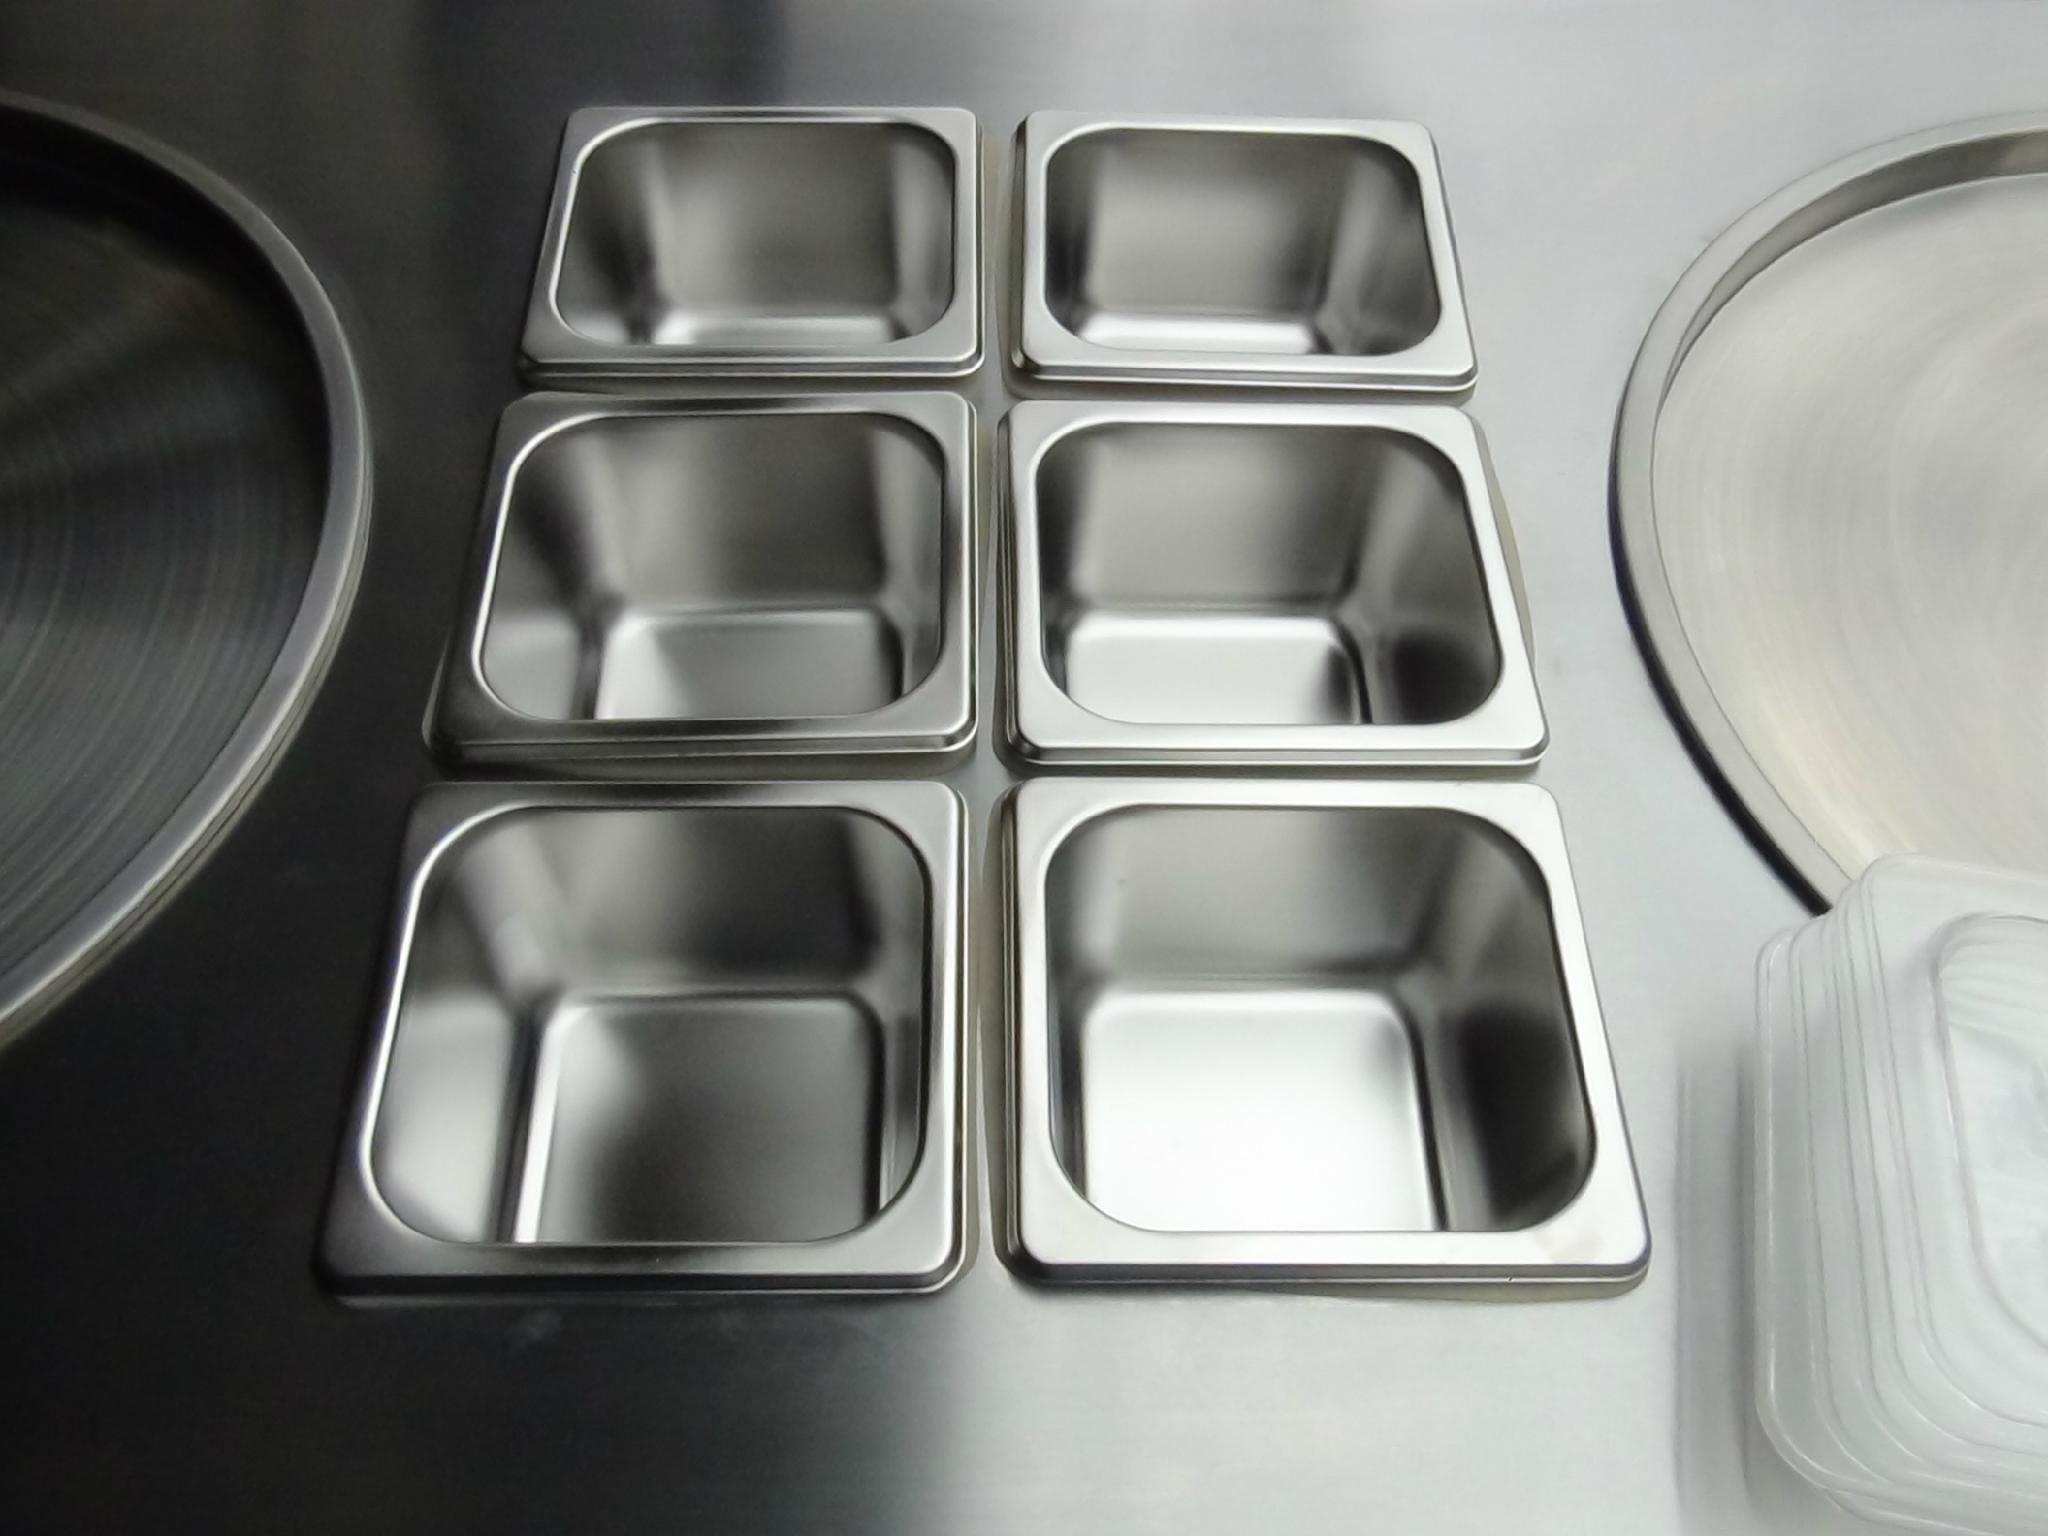 雙鍋商用圓鍋炒冰淇淋卷炒冰機炒酸奶機冰激凌卷機冰粥機